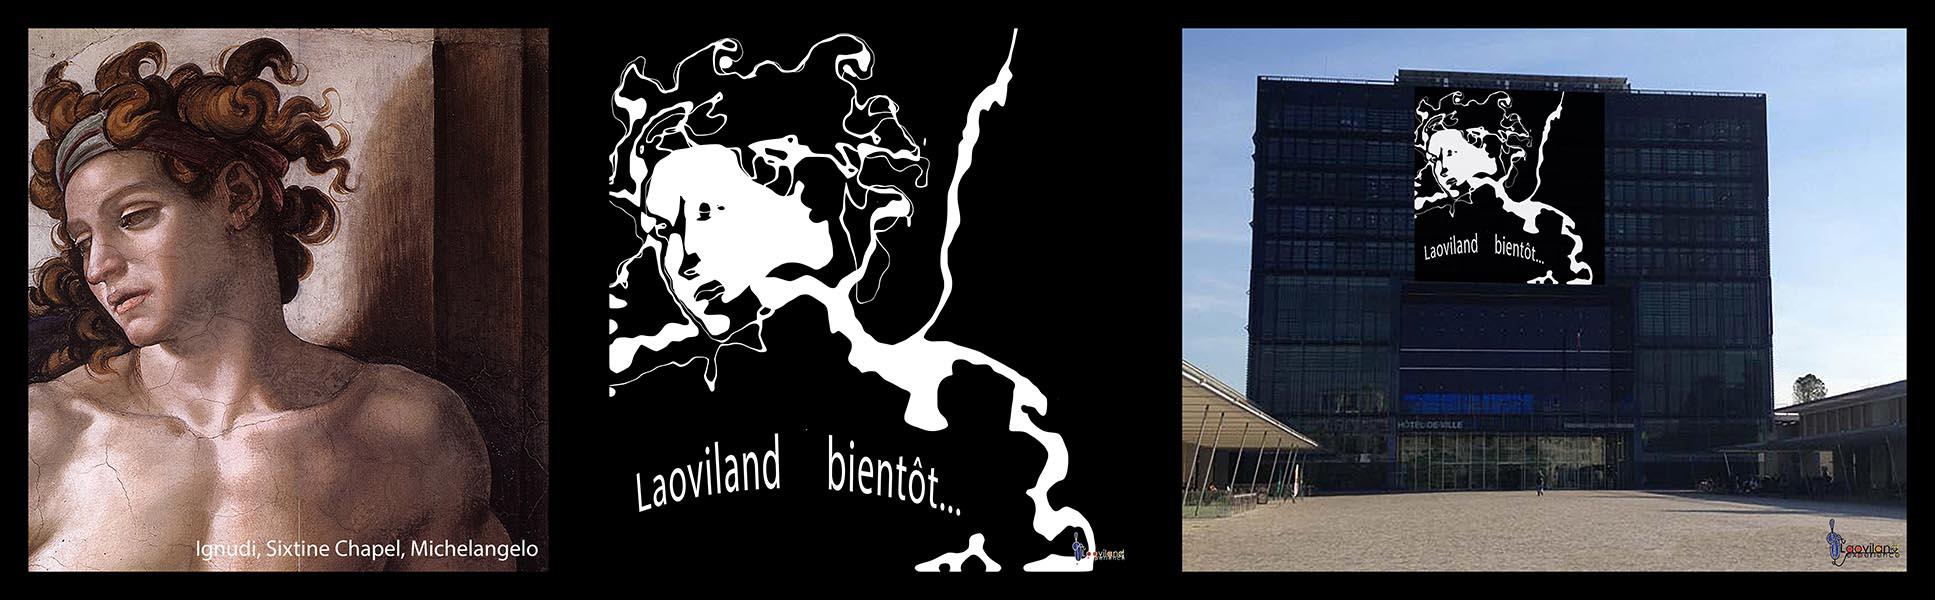 Création graphique sur bâtiment avec Laoviland